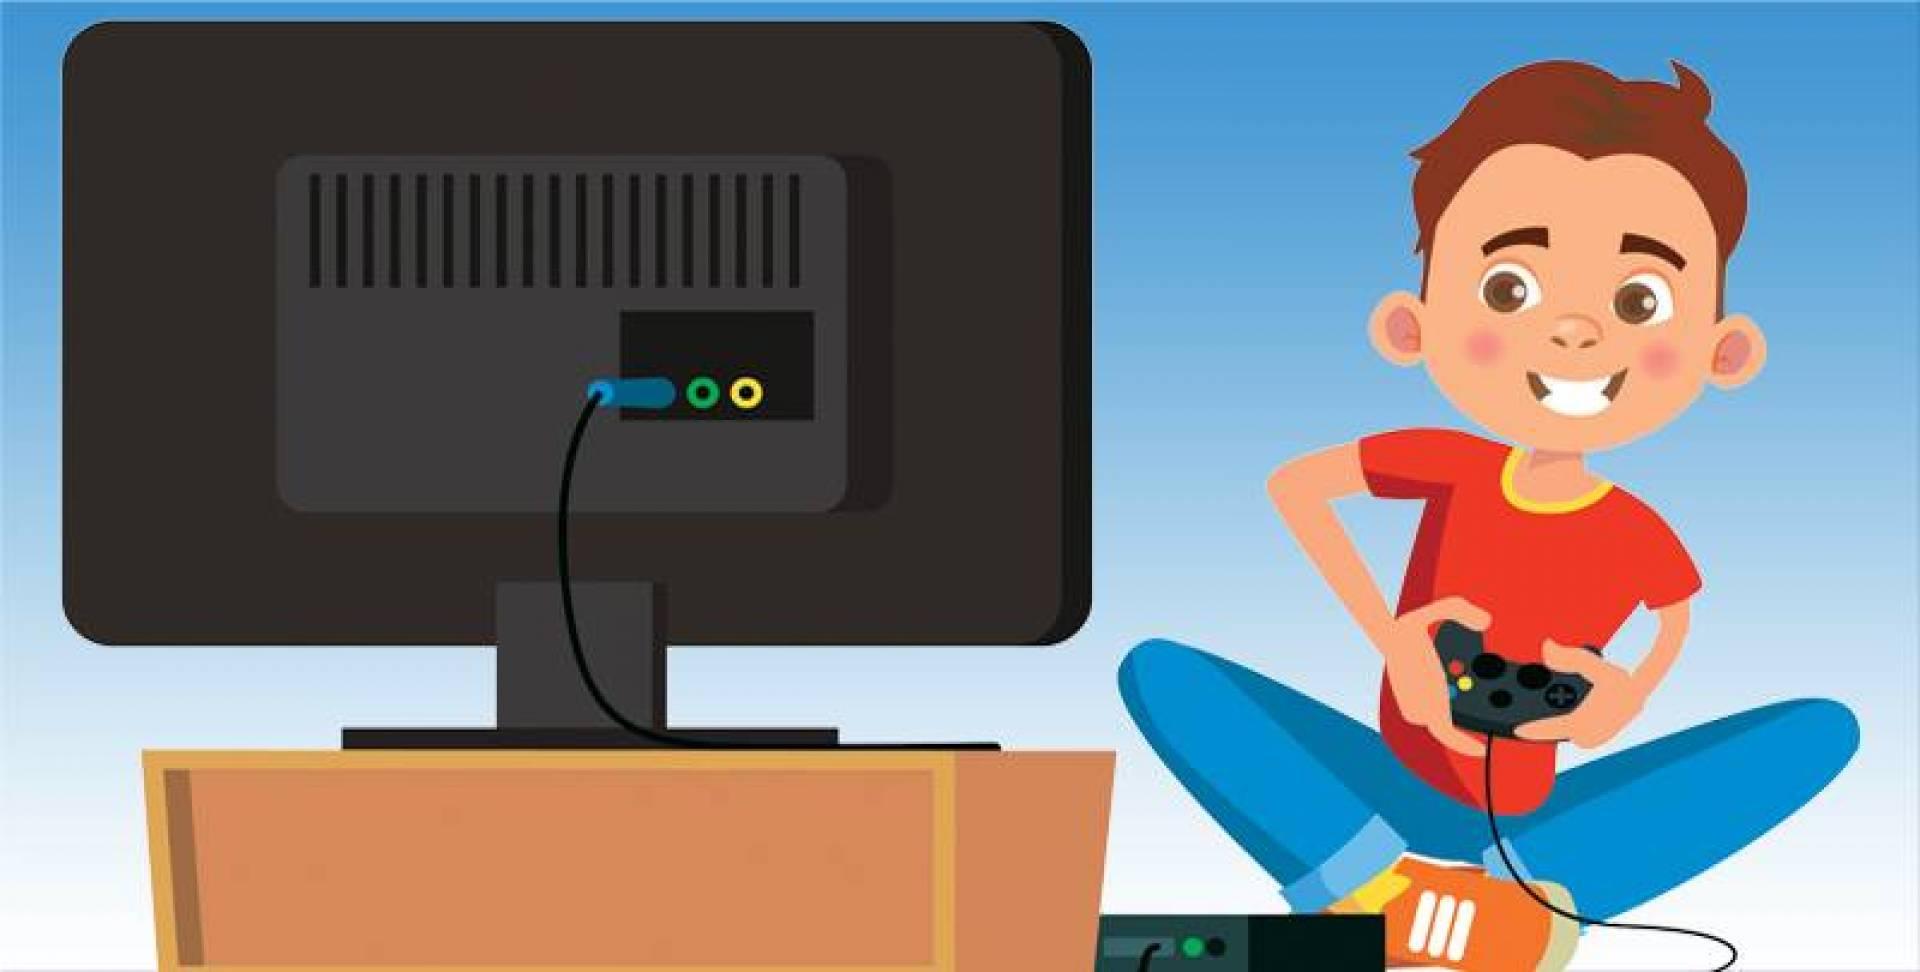 لعبة فيديو جديدة لتحسين الوعي والانتباه لدى طلاب المدارس